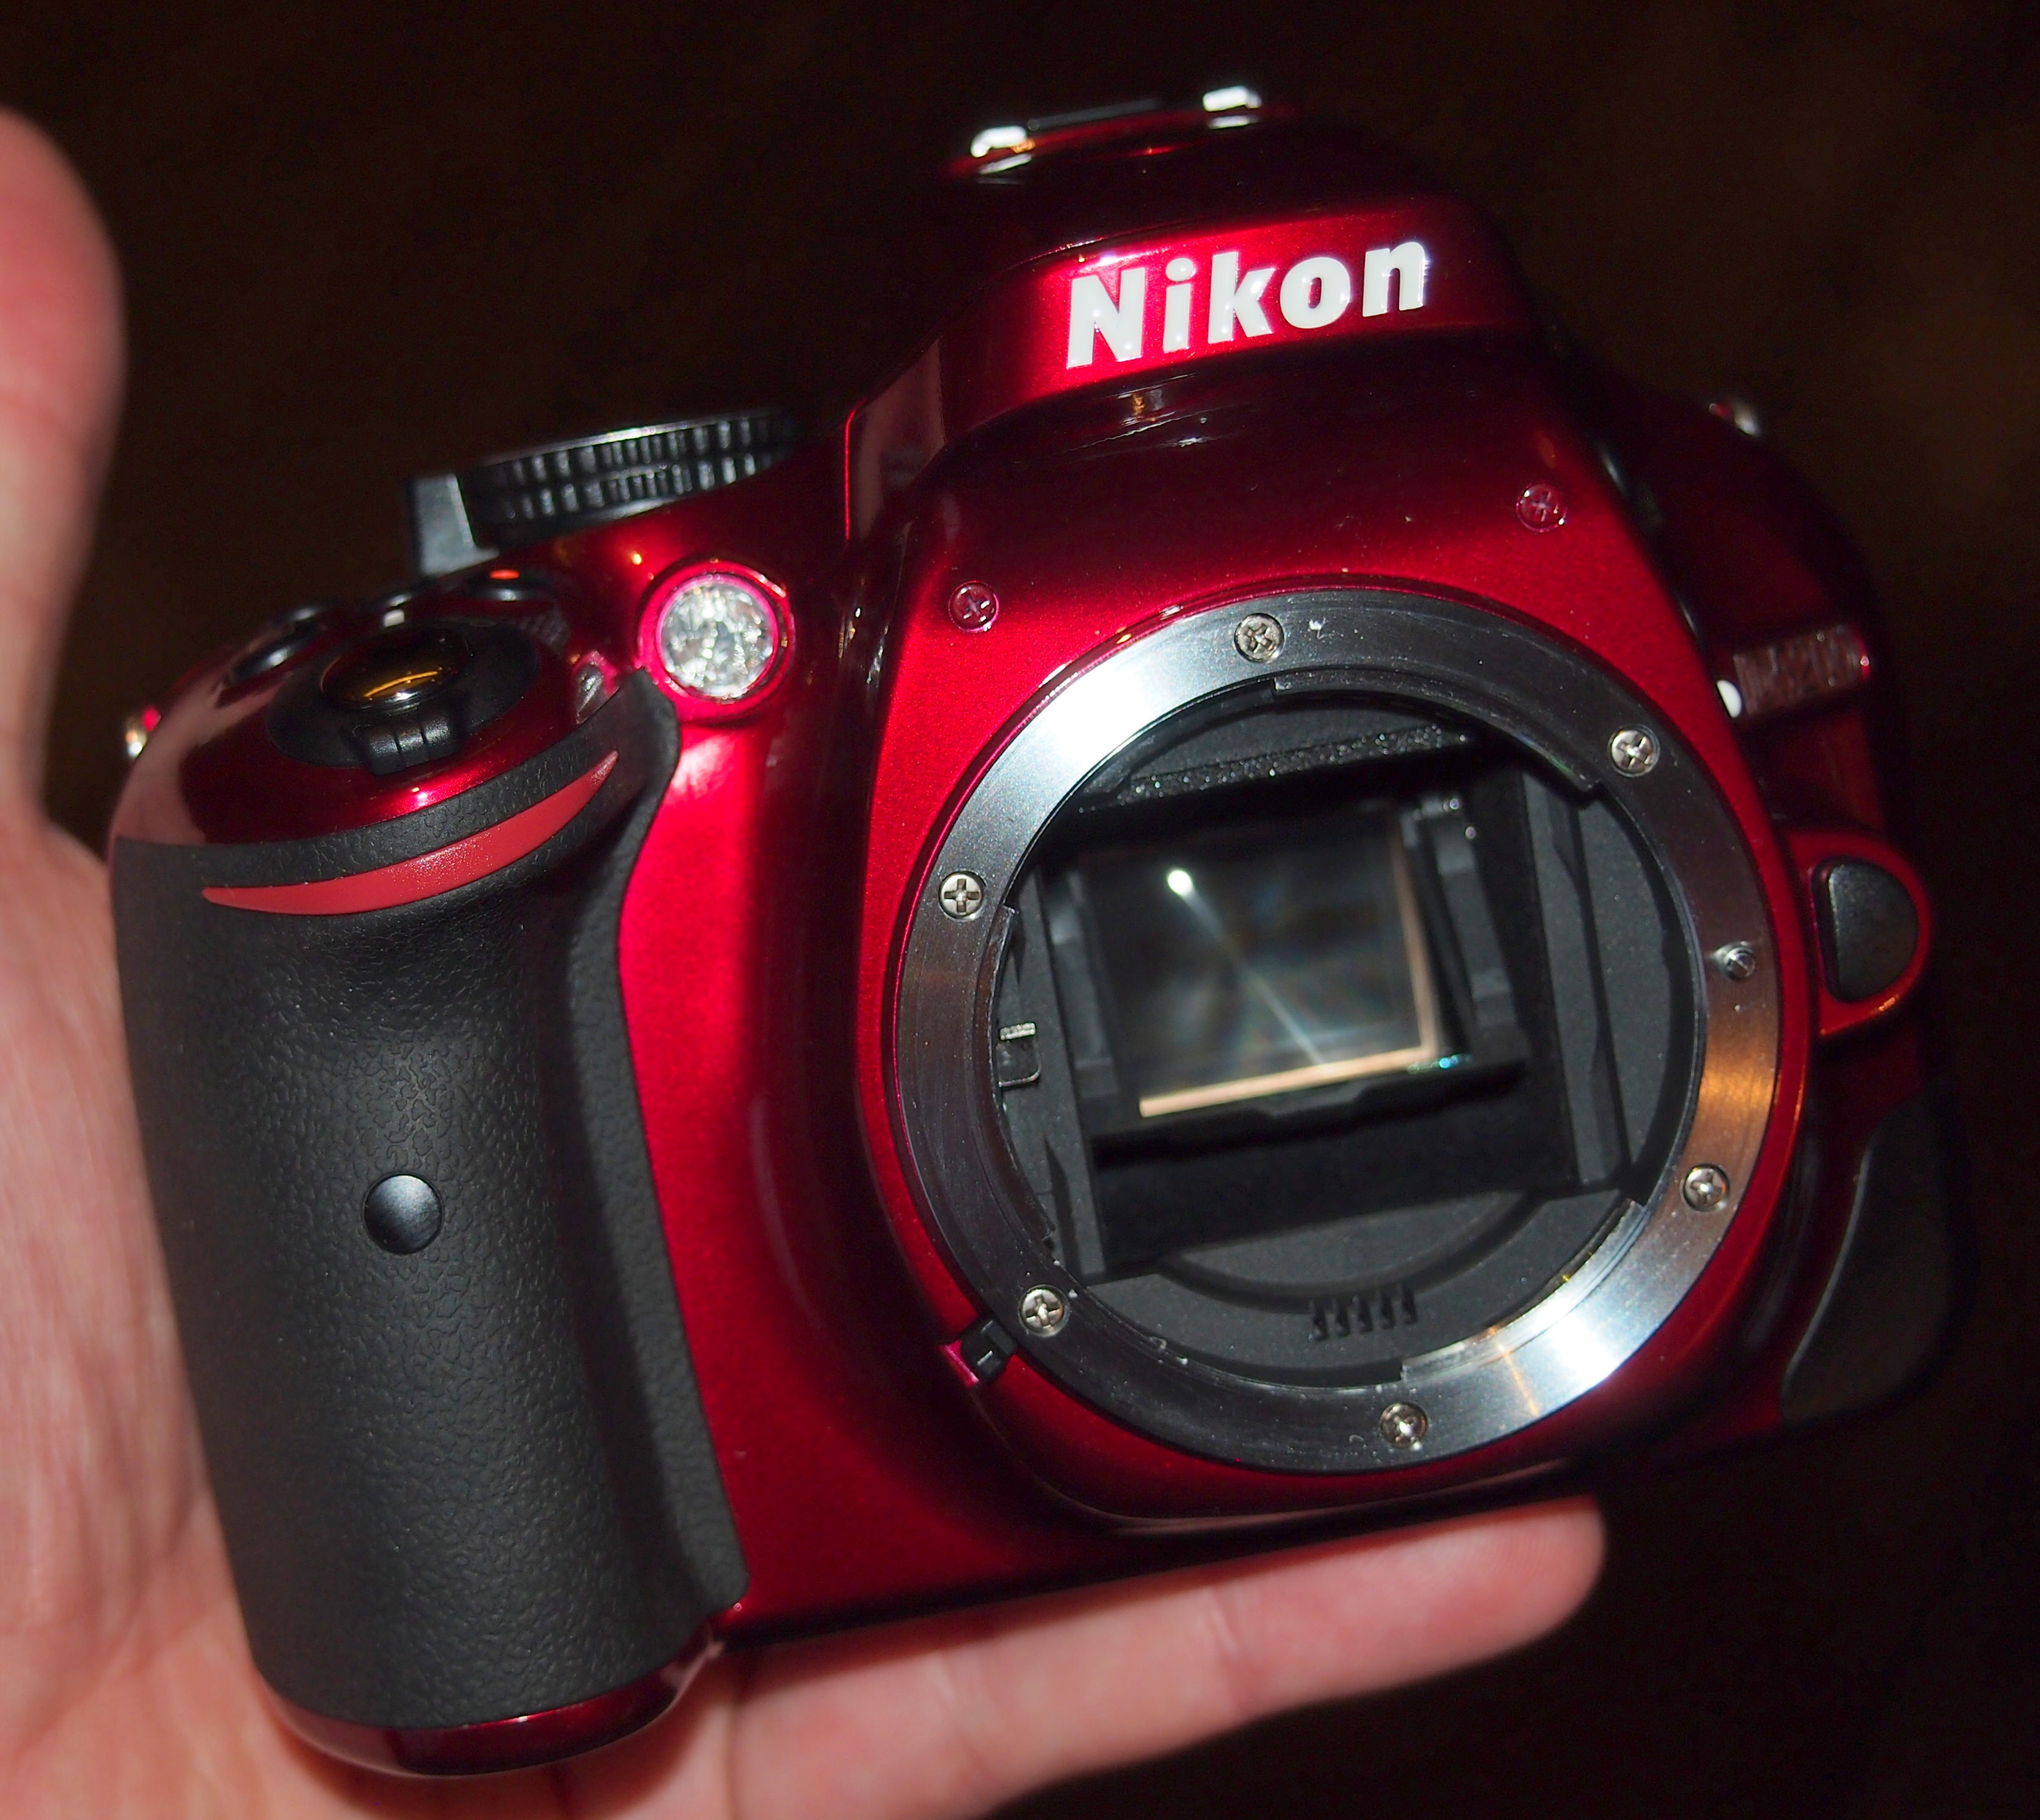 Nikon D5200 DSLR Hands-On Preview | ePHOTOzine